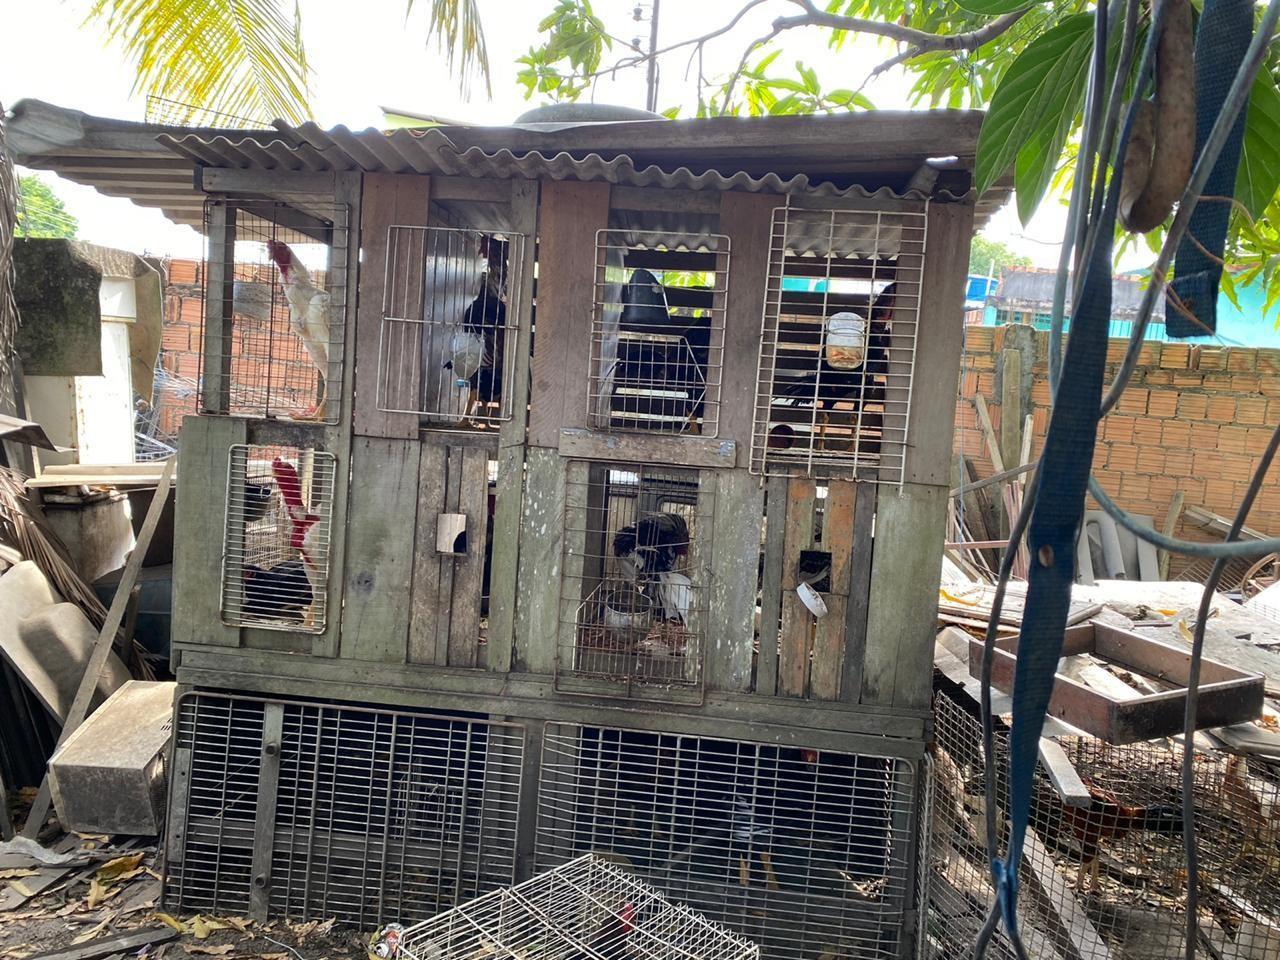 Homem é preso suspeito de manter animais silvestres em cativeiro em Manaus